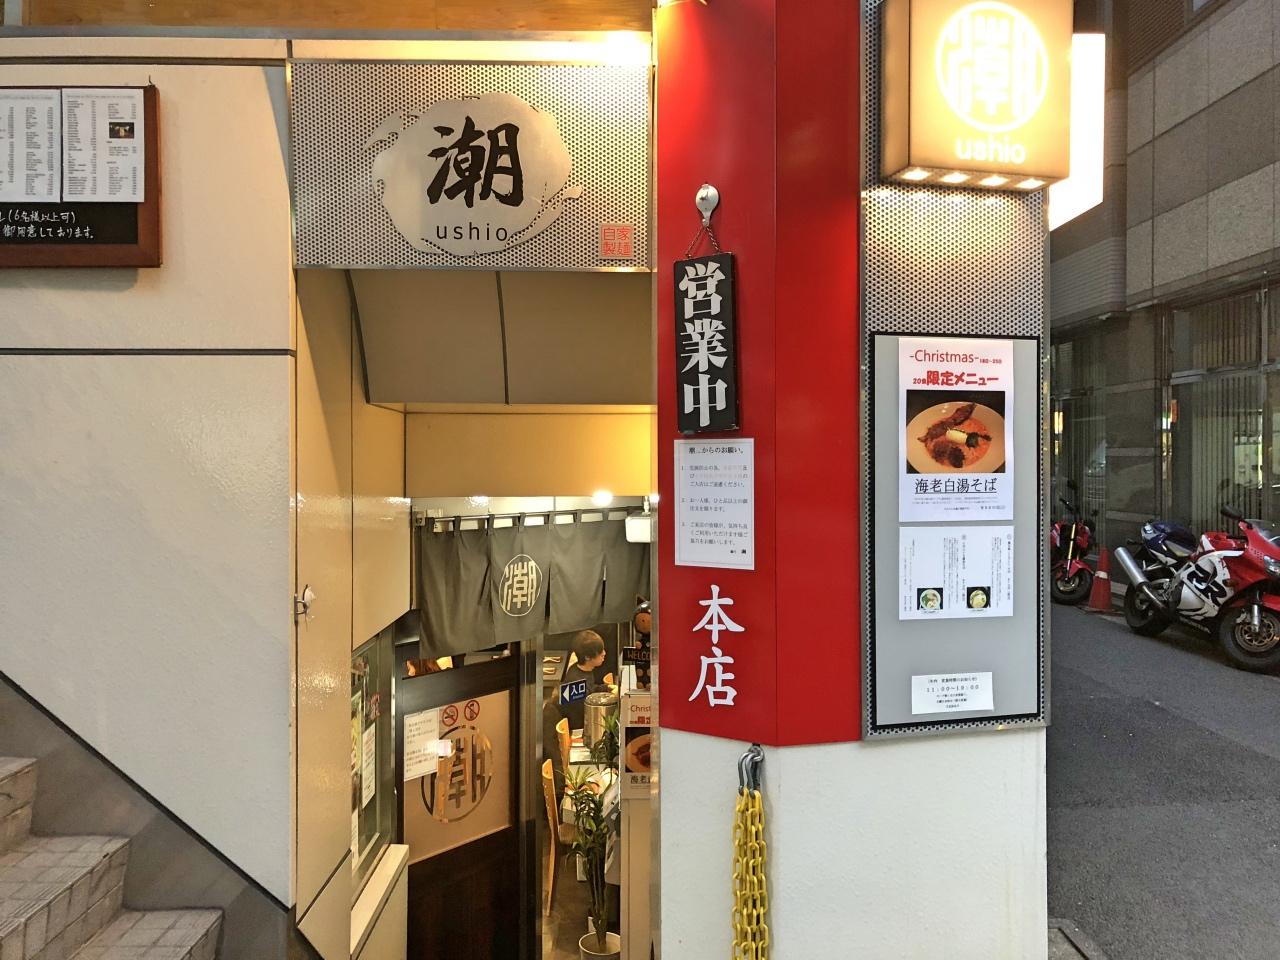 神保町【潮 ushio】の摩訶不思議な白湯麺はポタージュスープのようじゃ